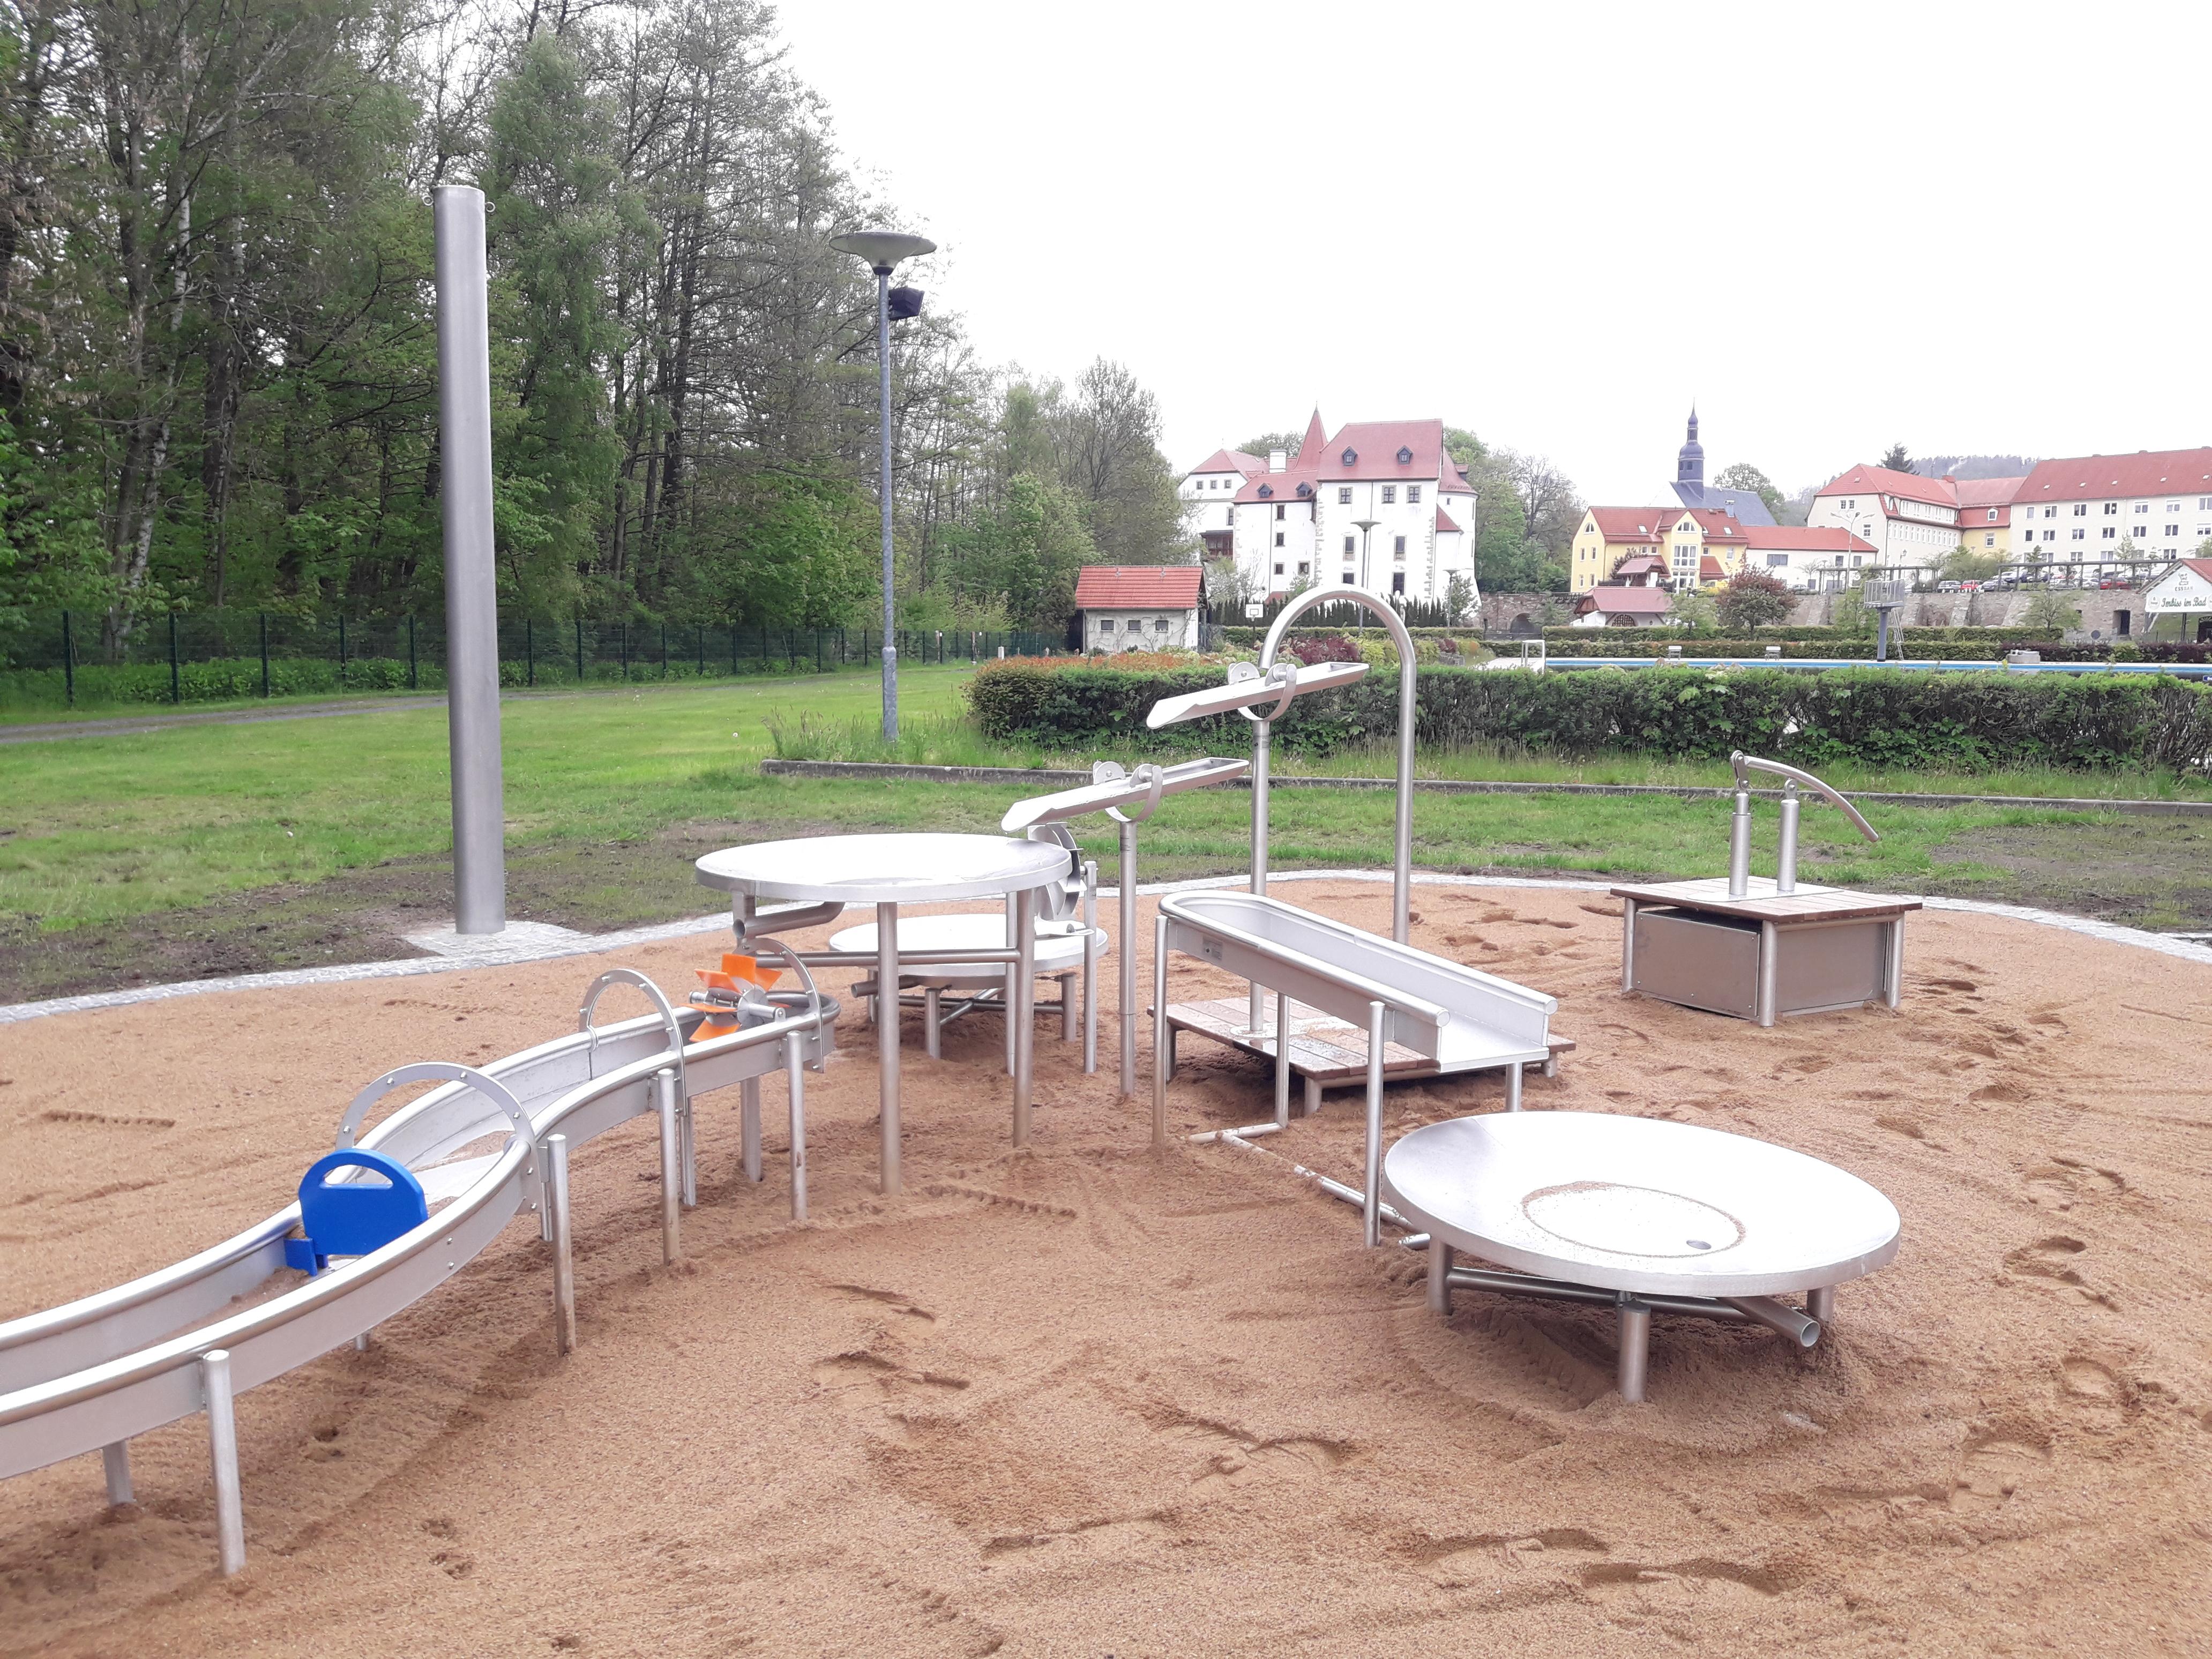 Wassermatschanlage Weißenborn